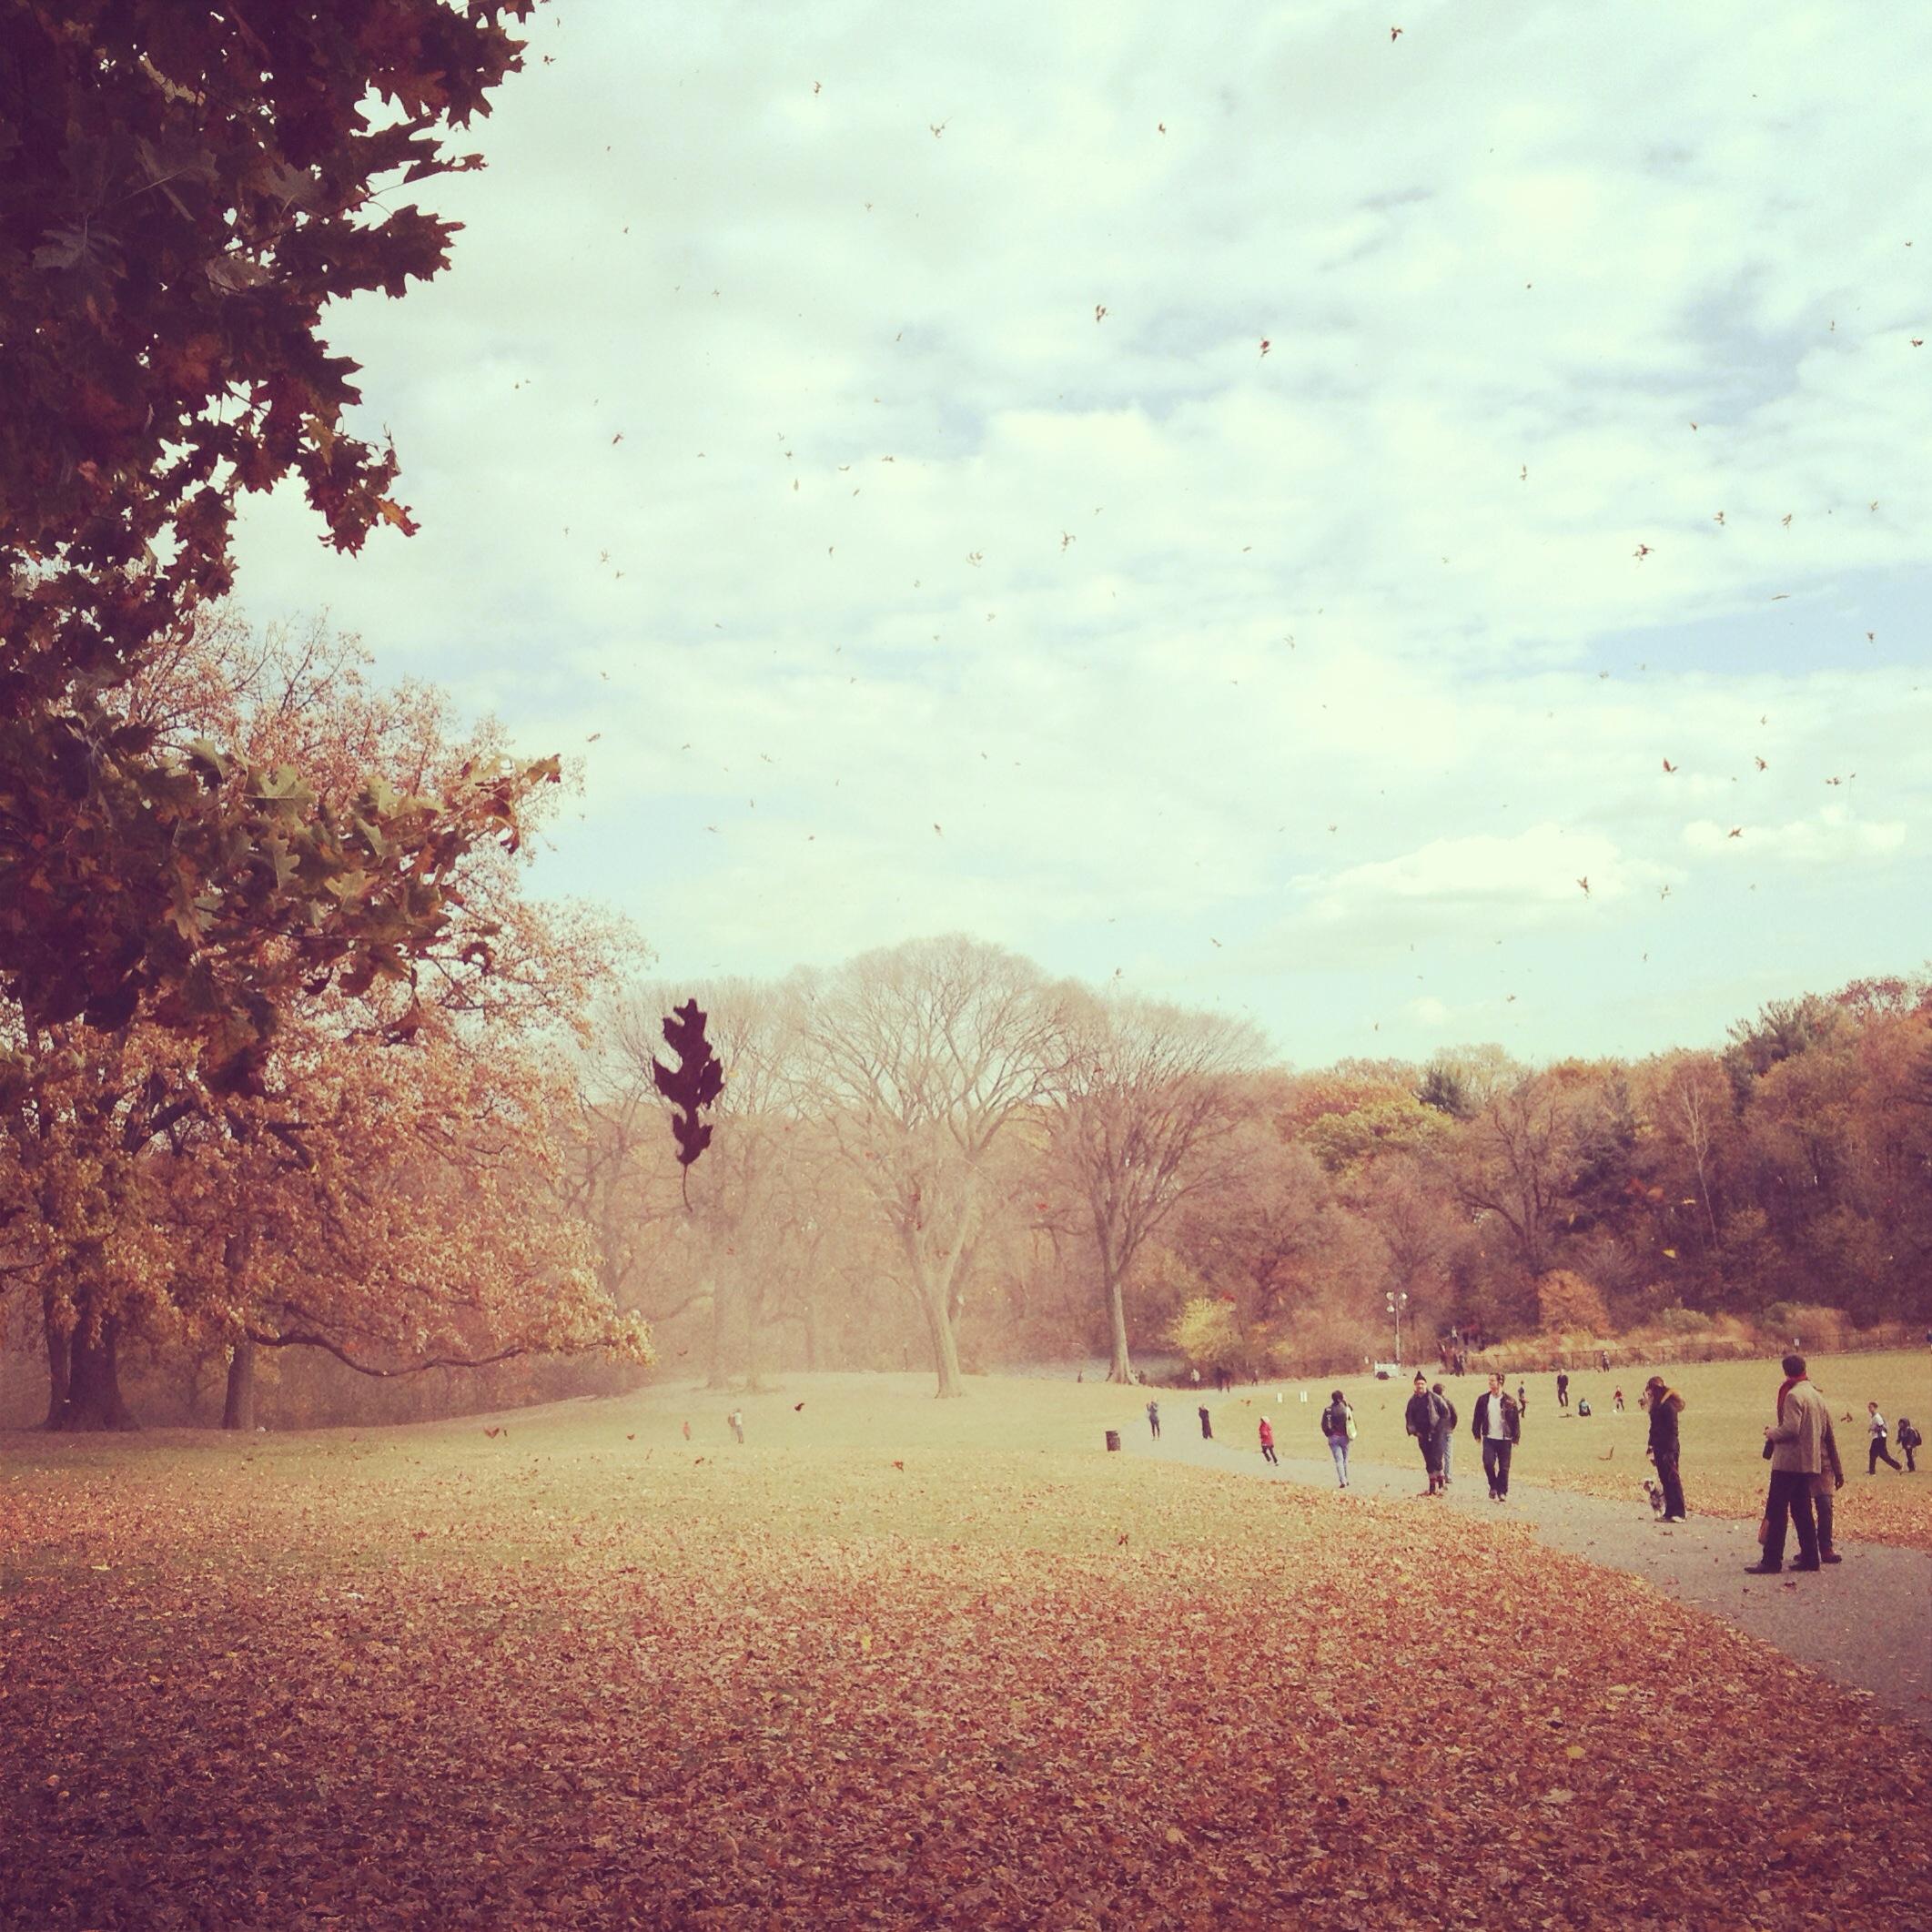 prospect park leaves falling